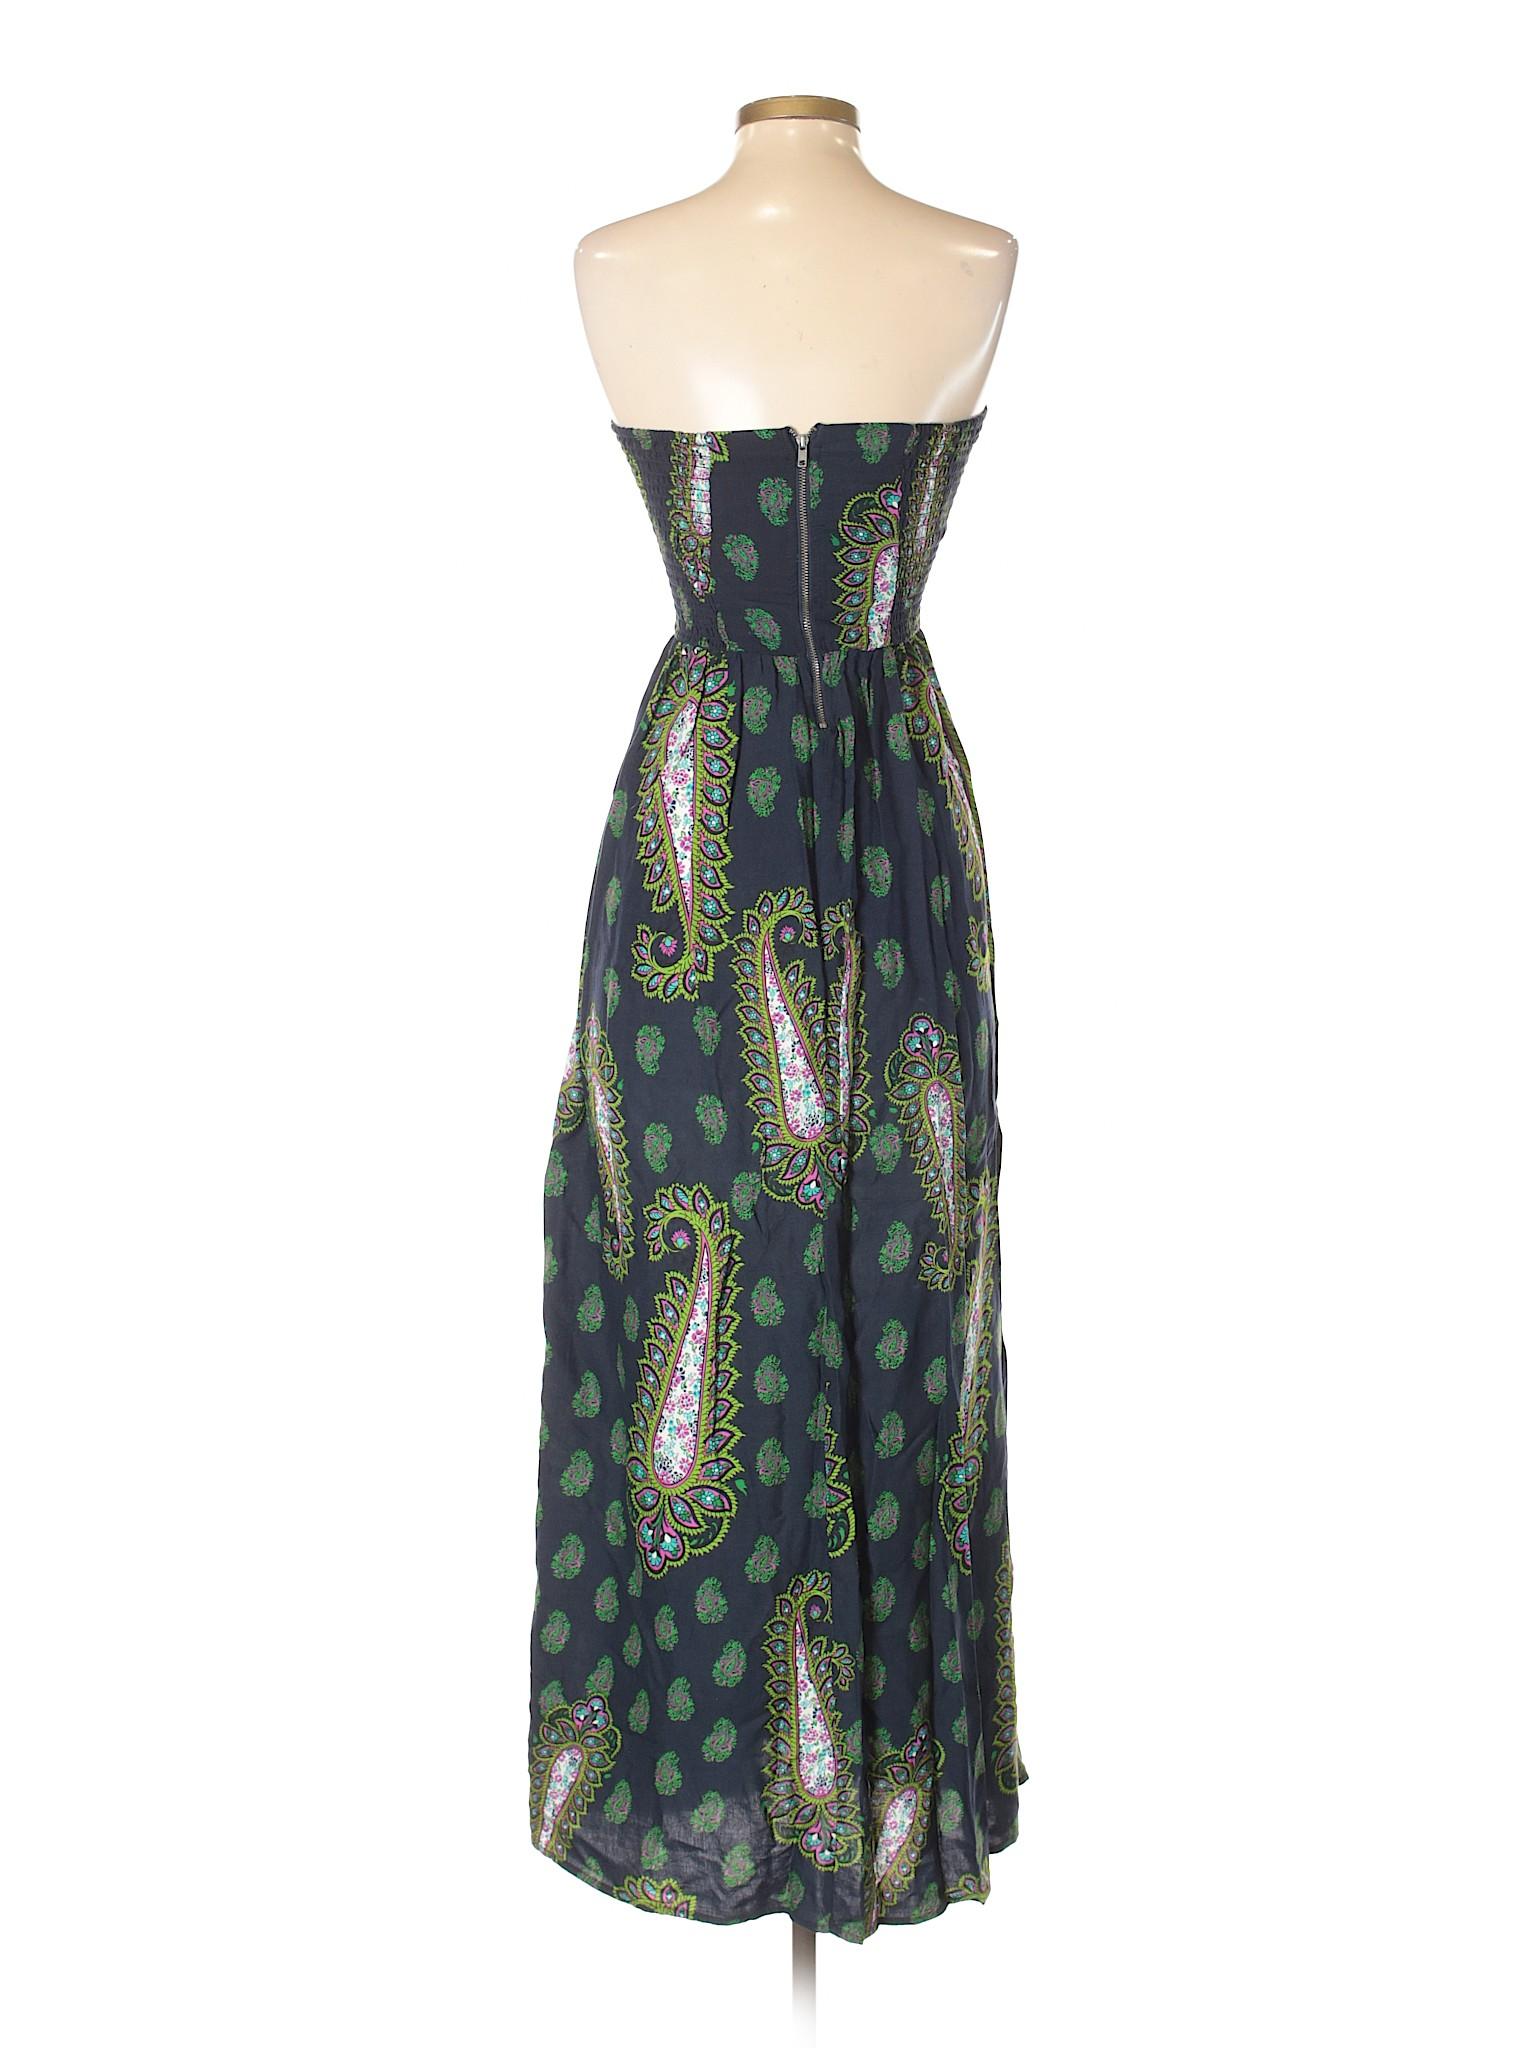 Boutique Dress Boutique winter Casual Xhilaration Xhilaration Casual winter Casual winter Boutique Xhilaration Dress Boutique Dress rIqY6IA